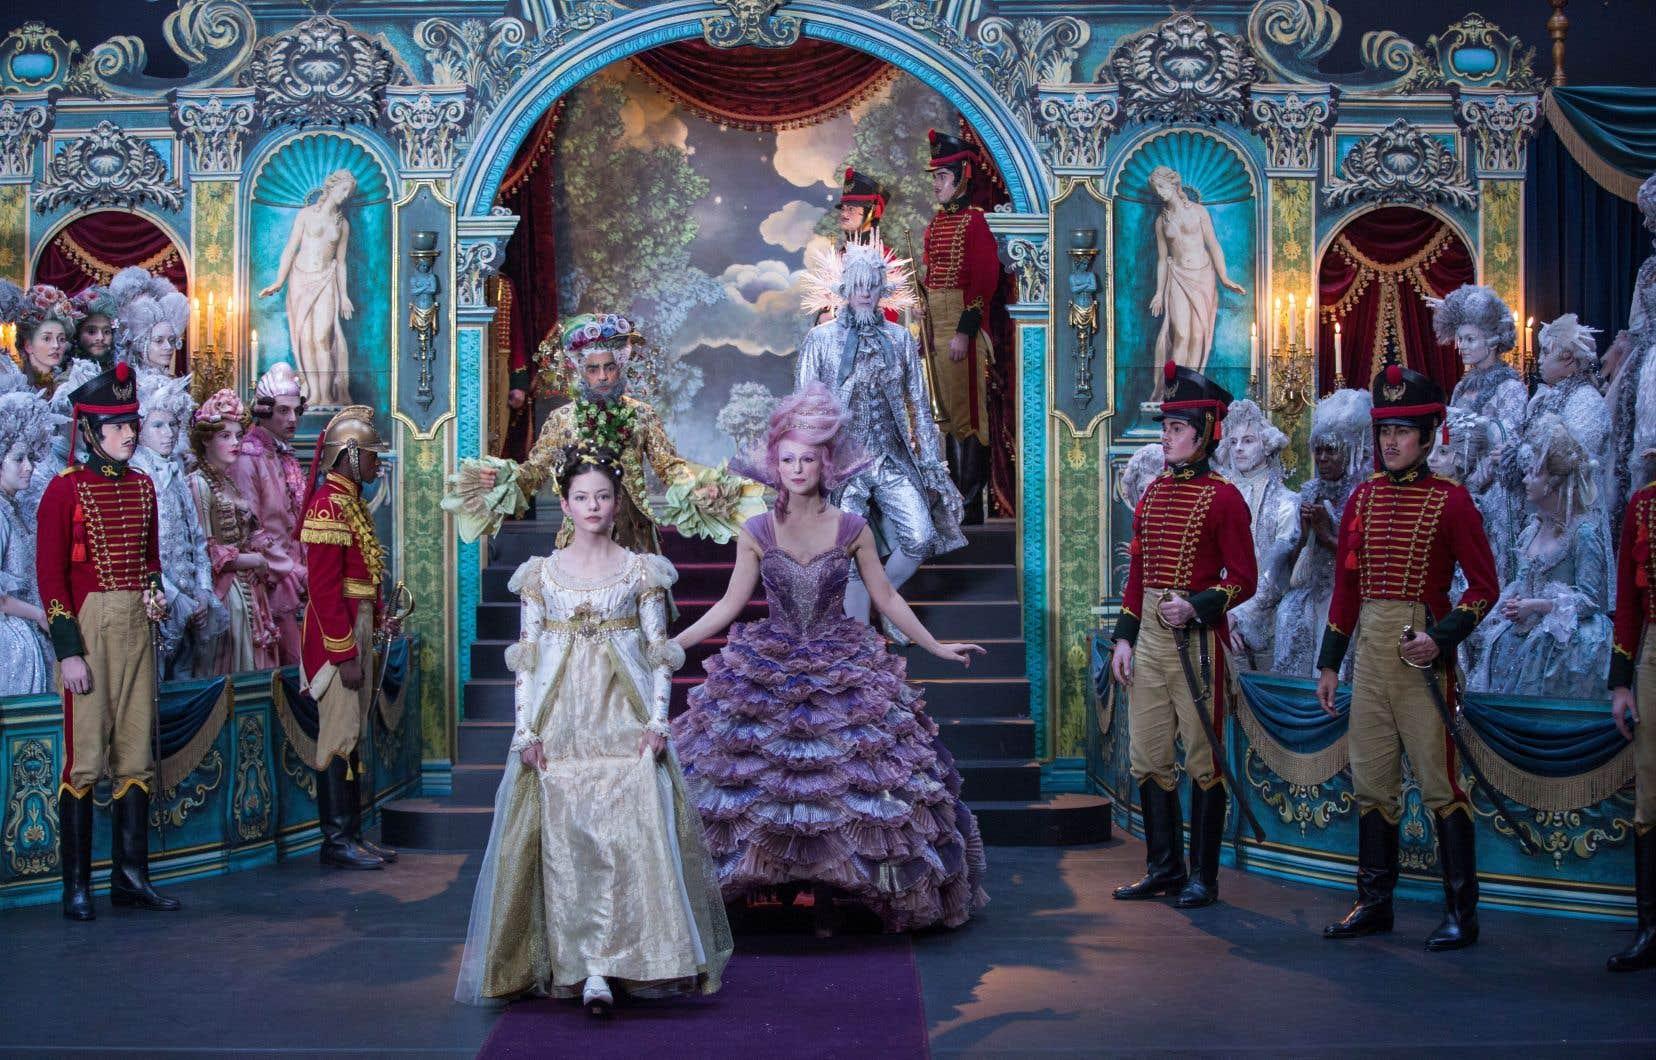 Le film est un pur produit Disney du temps des Fêtes et n'a pas à en rougir, tant cette production en met plein la vue et recrée une fantasmagorie dans un cadre anglais d'inspiration Charles Dickens.